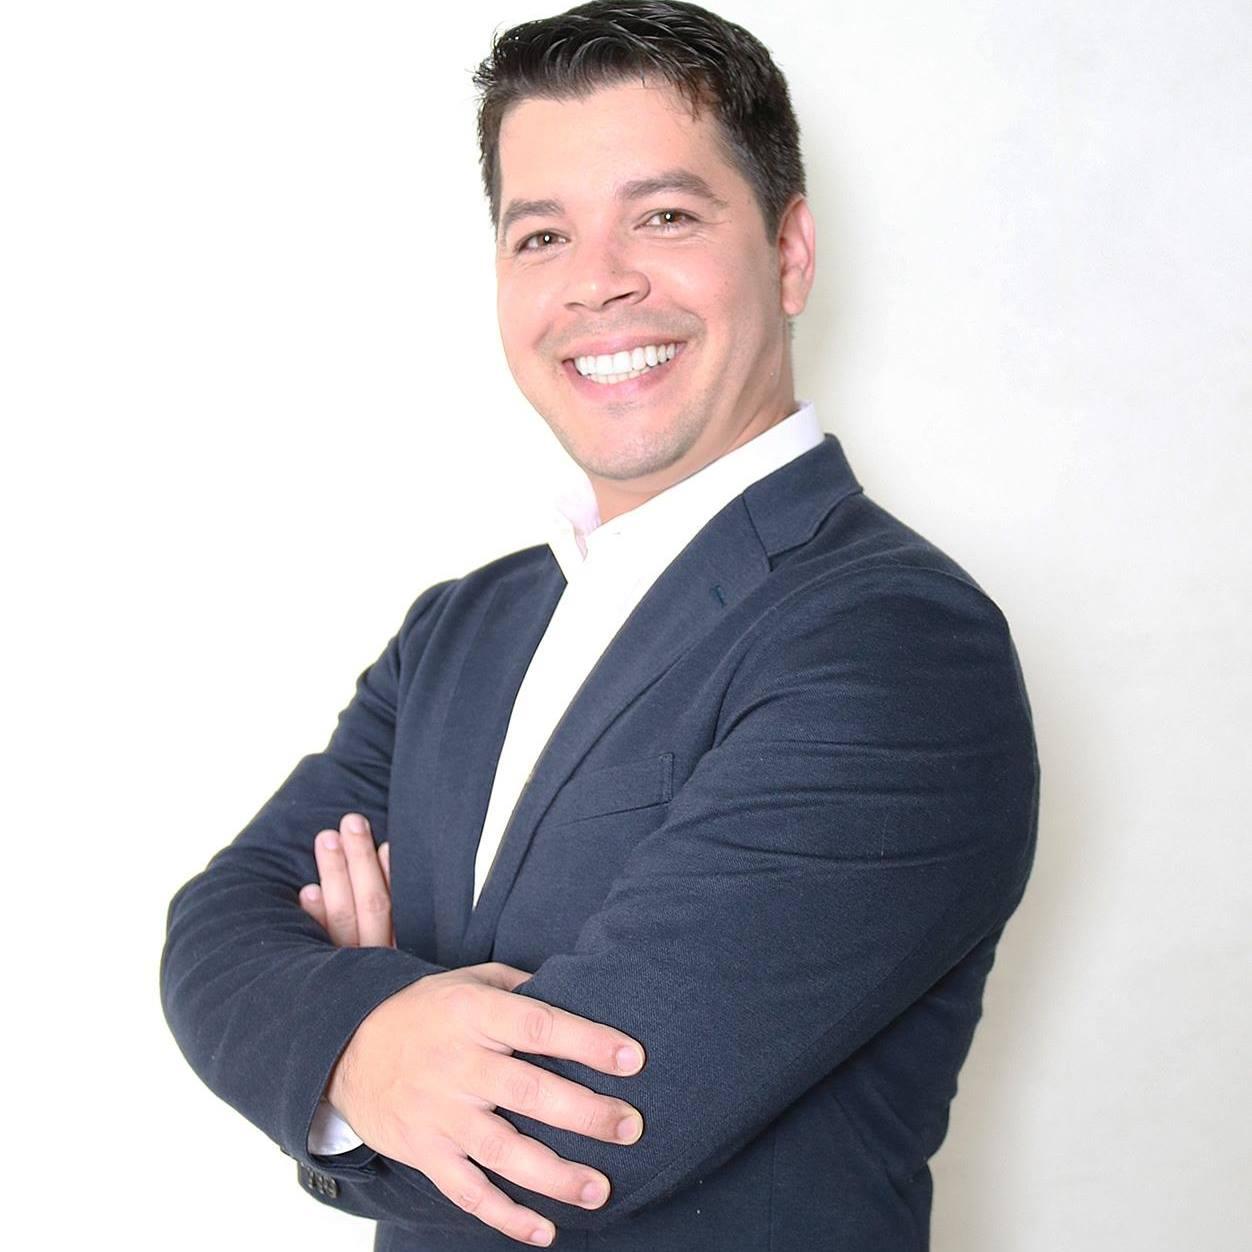 Felipe Dellacqua